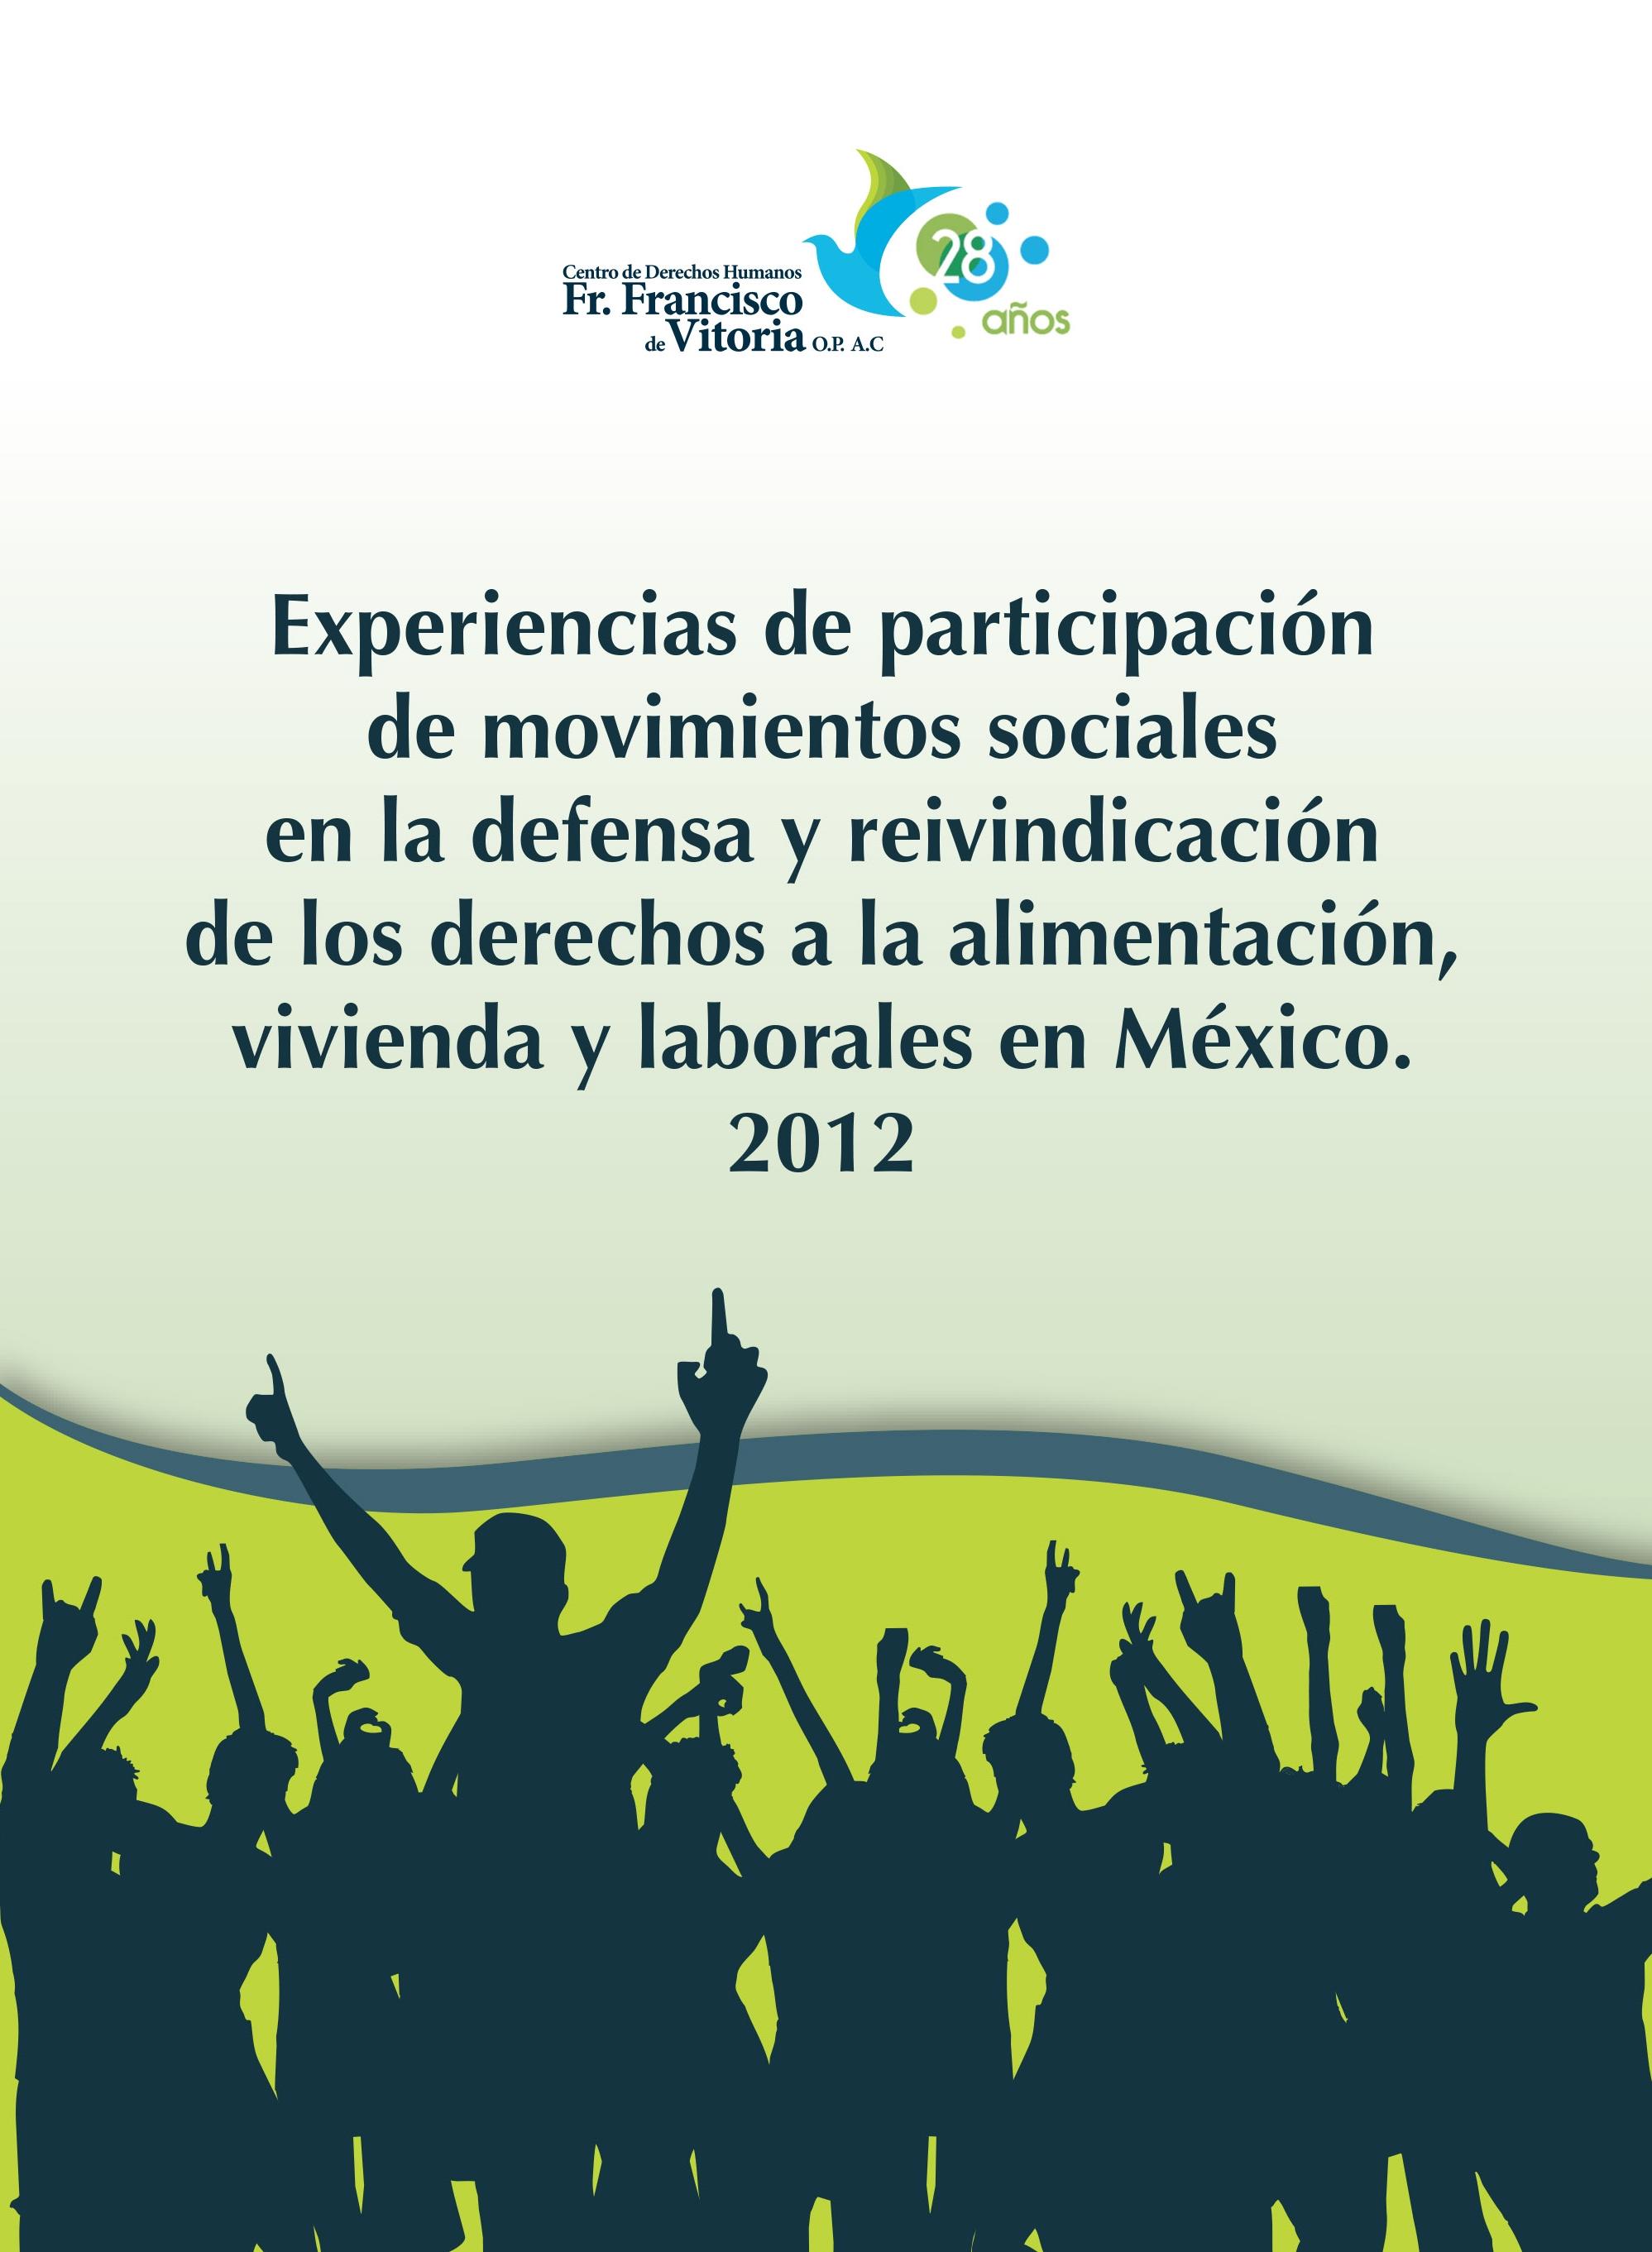 Experiencia de participación de movimientos sociales en la Defensa y reivindicación de los derechos a la alimentación, vivienda y laborales en México.